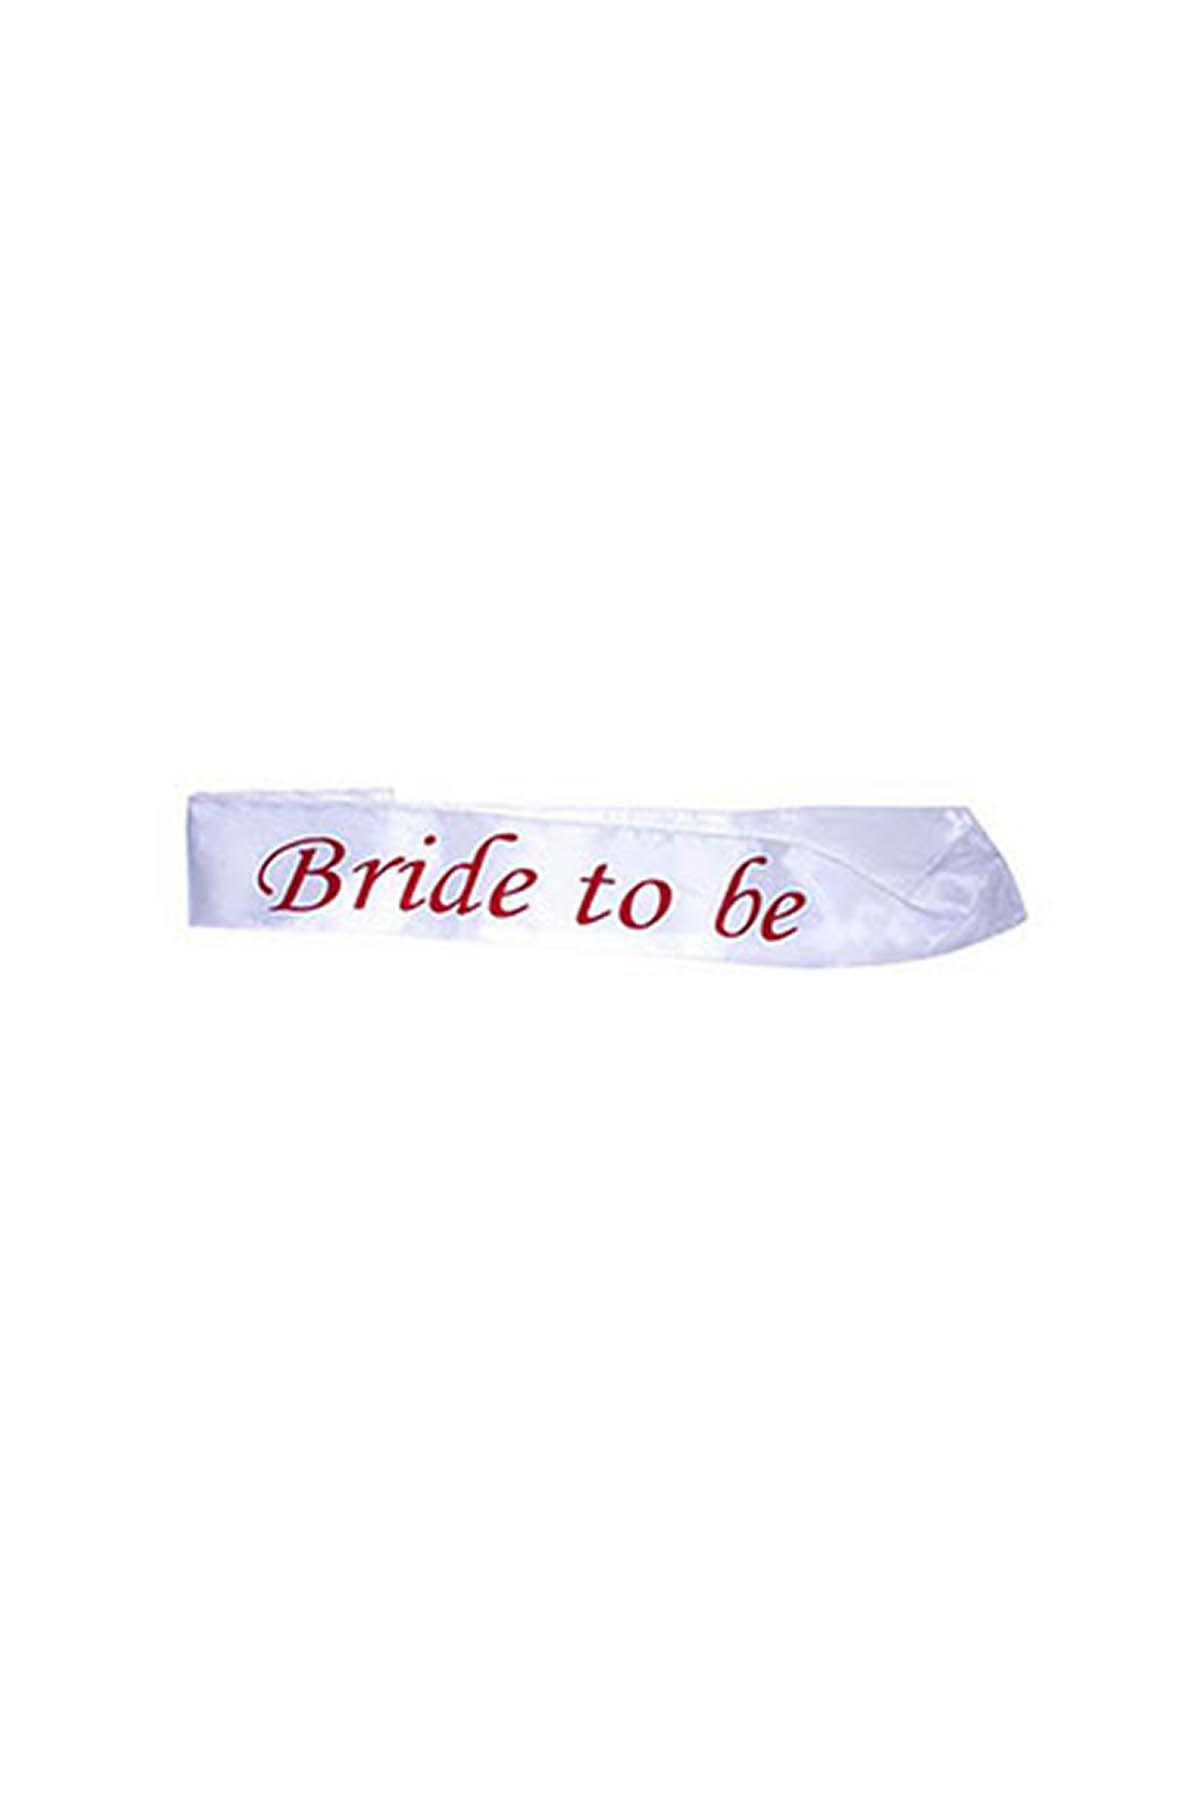 Bride To Be Beyaz Üzeri Fuşya Yazılı Kuşak 1 Adet